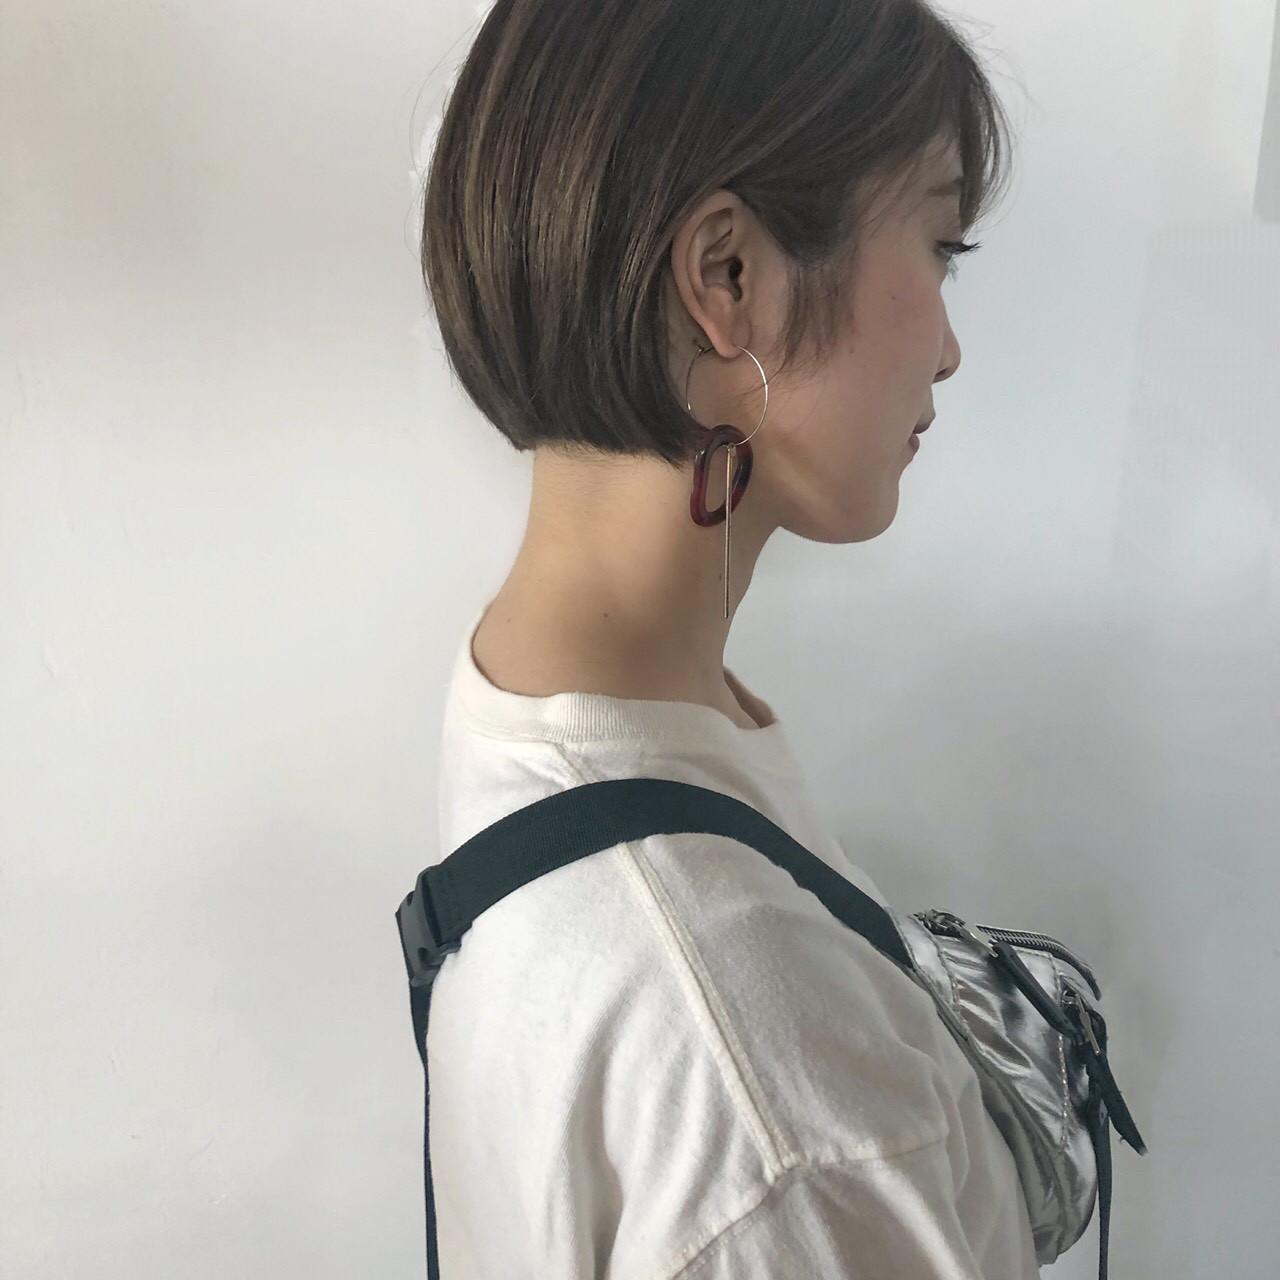 ナチュラル オフィス デート アウトドア ヘアスタイルや髪型の写真・画像 | NAVY chums 久留米 / NAVY